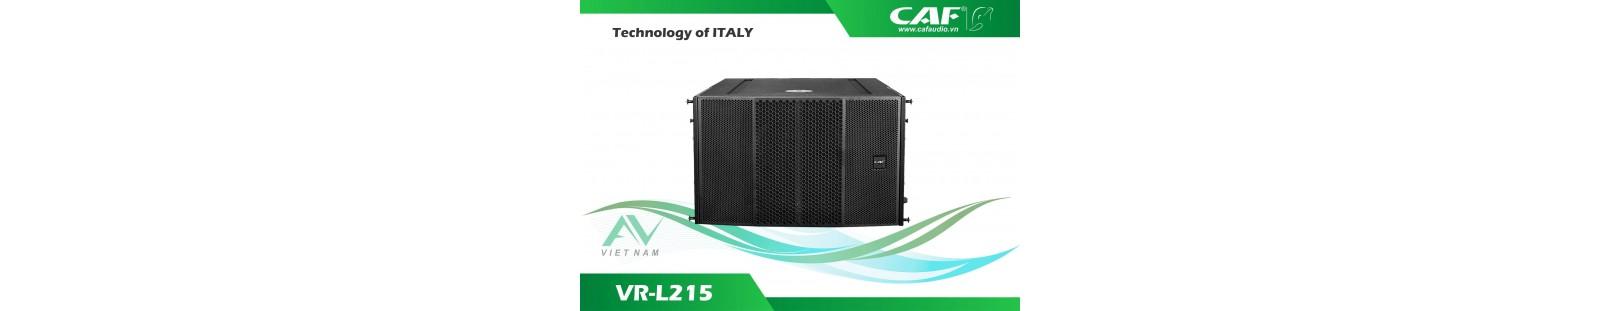 CAF VR-L215